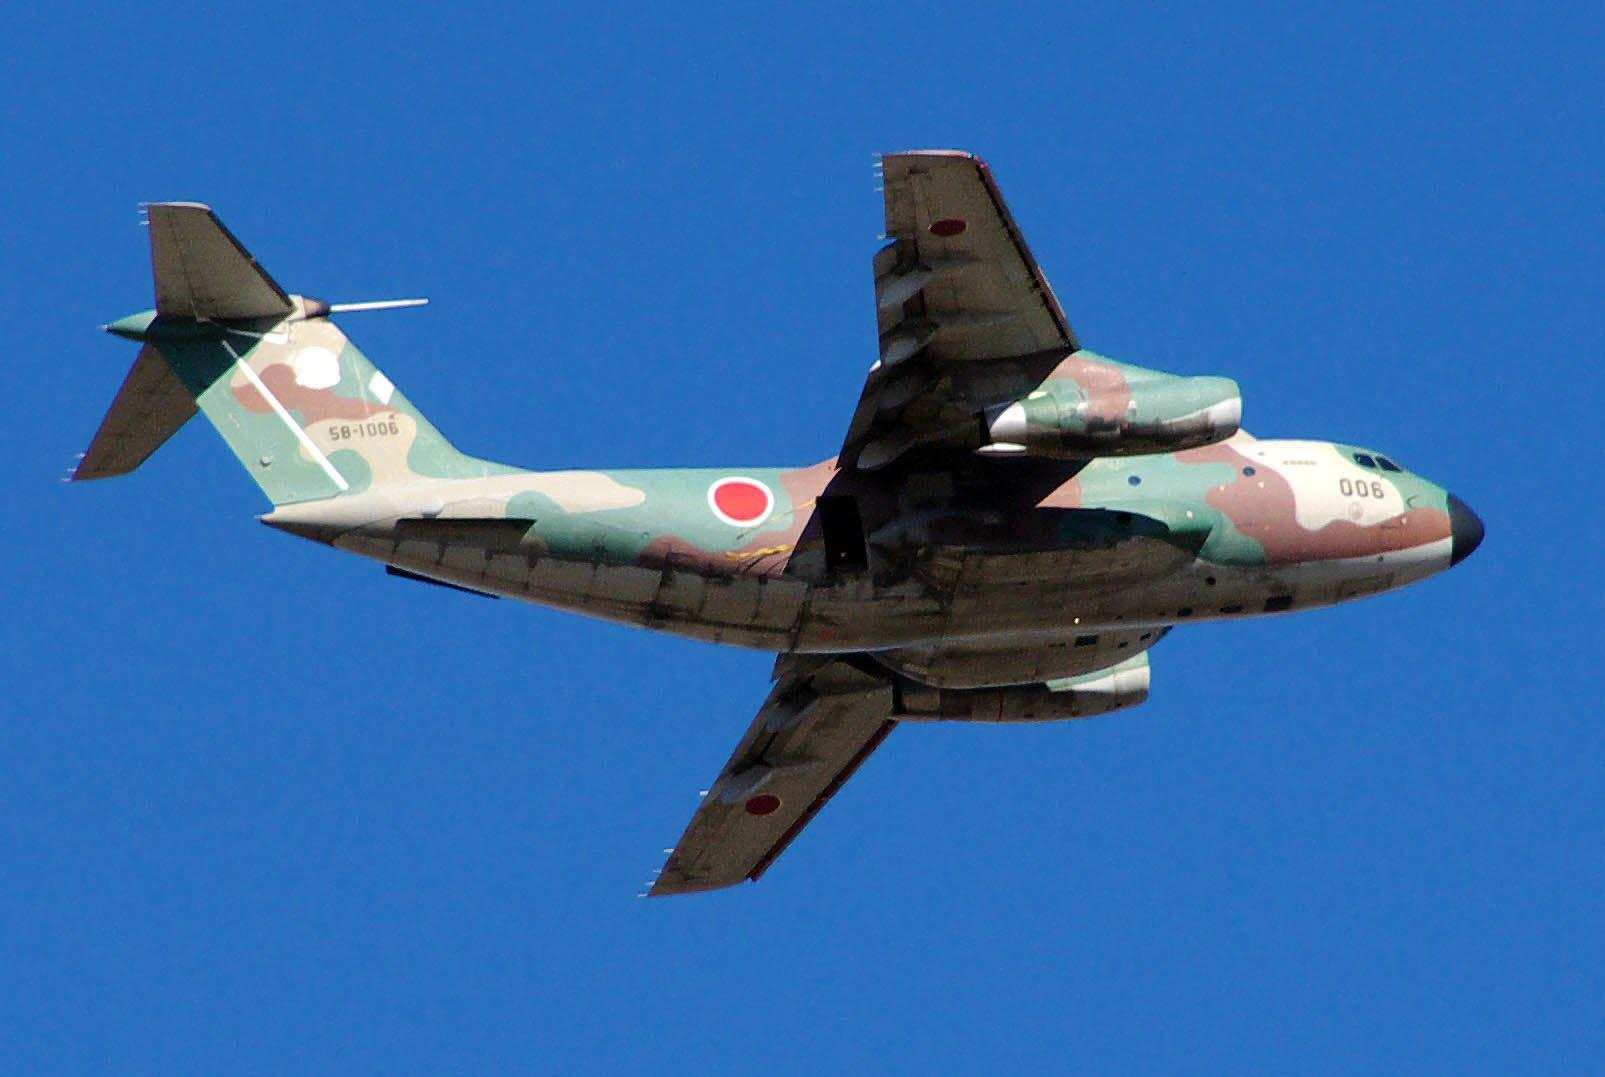 C-1A Военно-транспортный самолет средней дальности разработанный фирмой Kawasaki для Воздушных сил самообороны Японии.